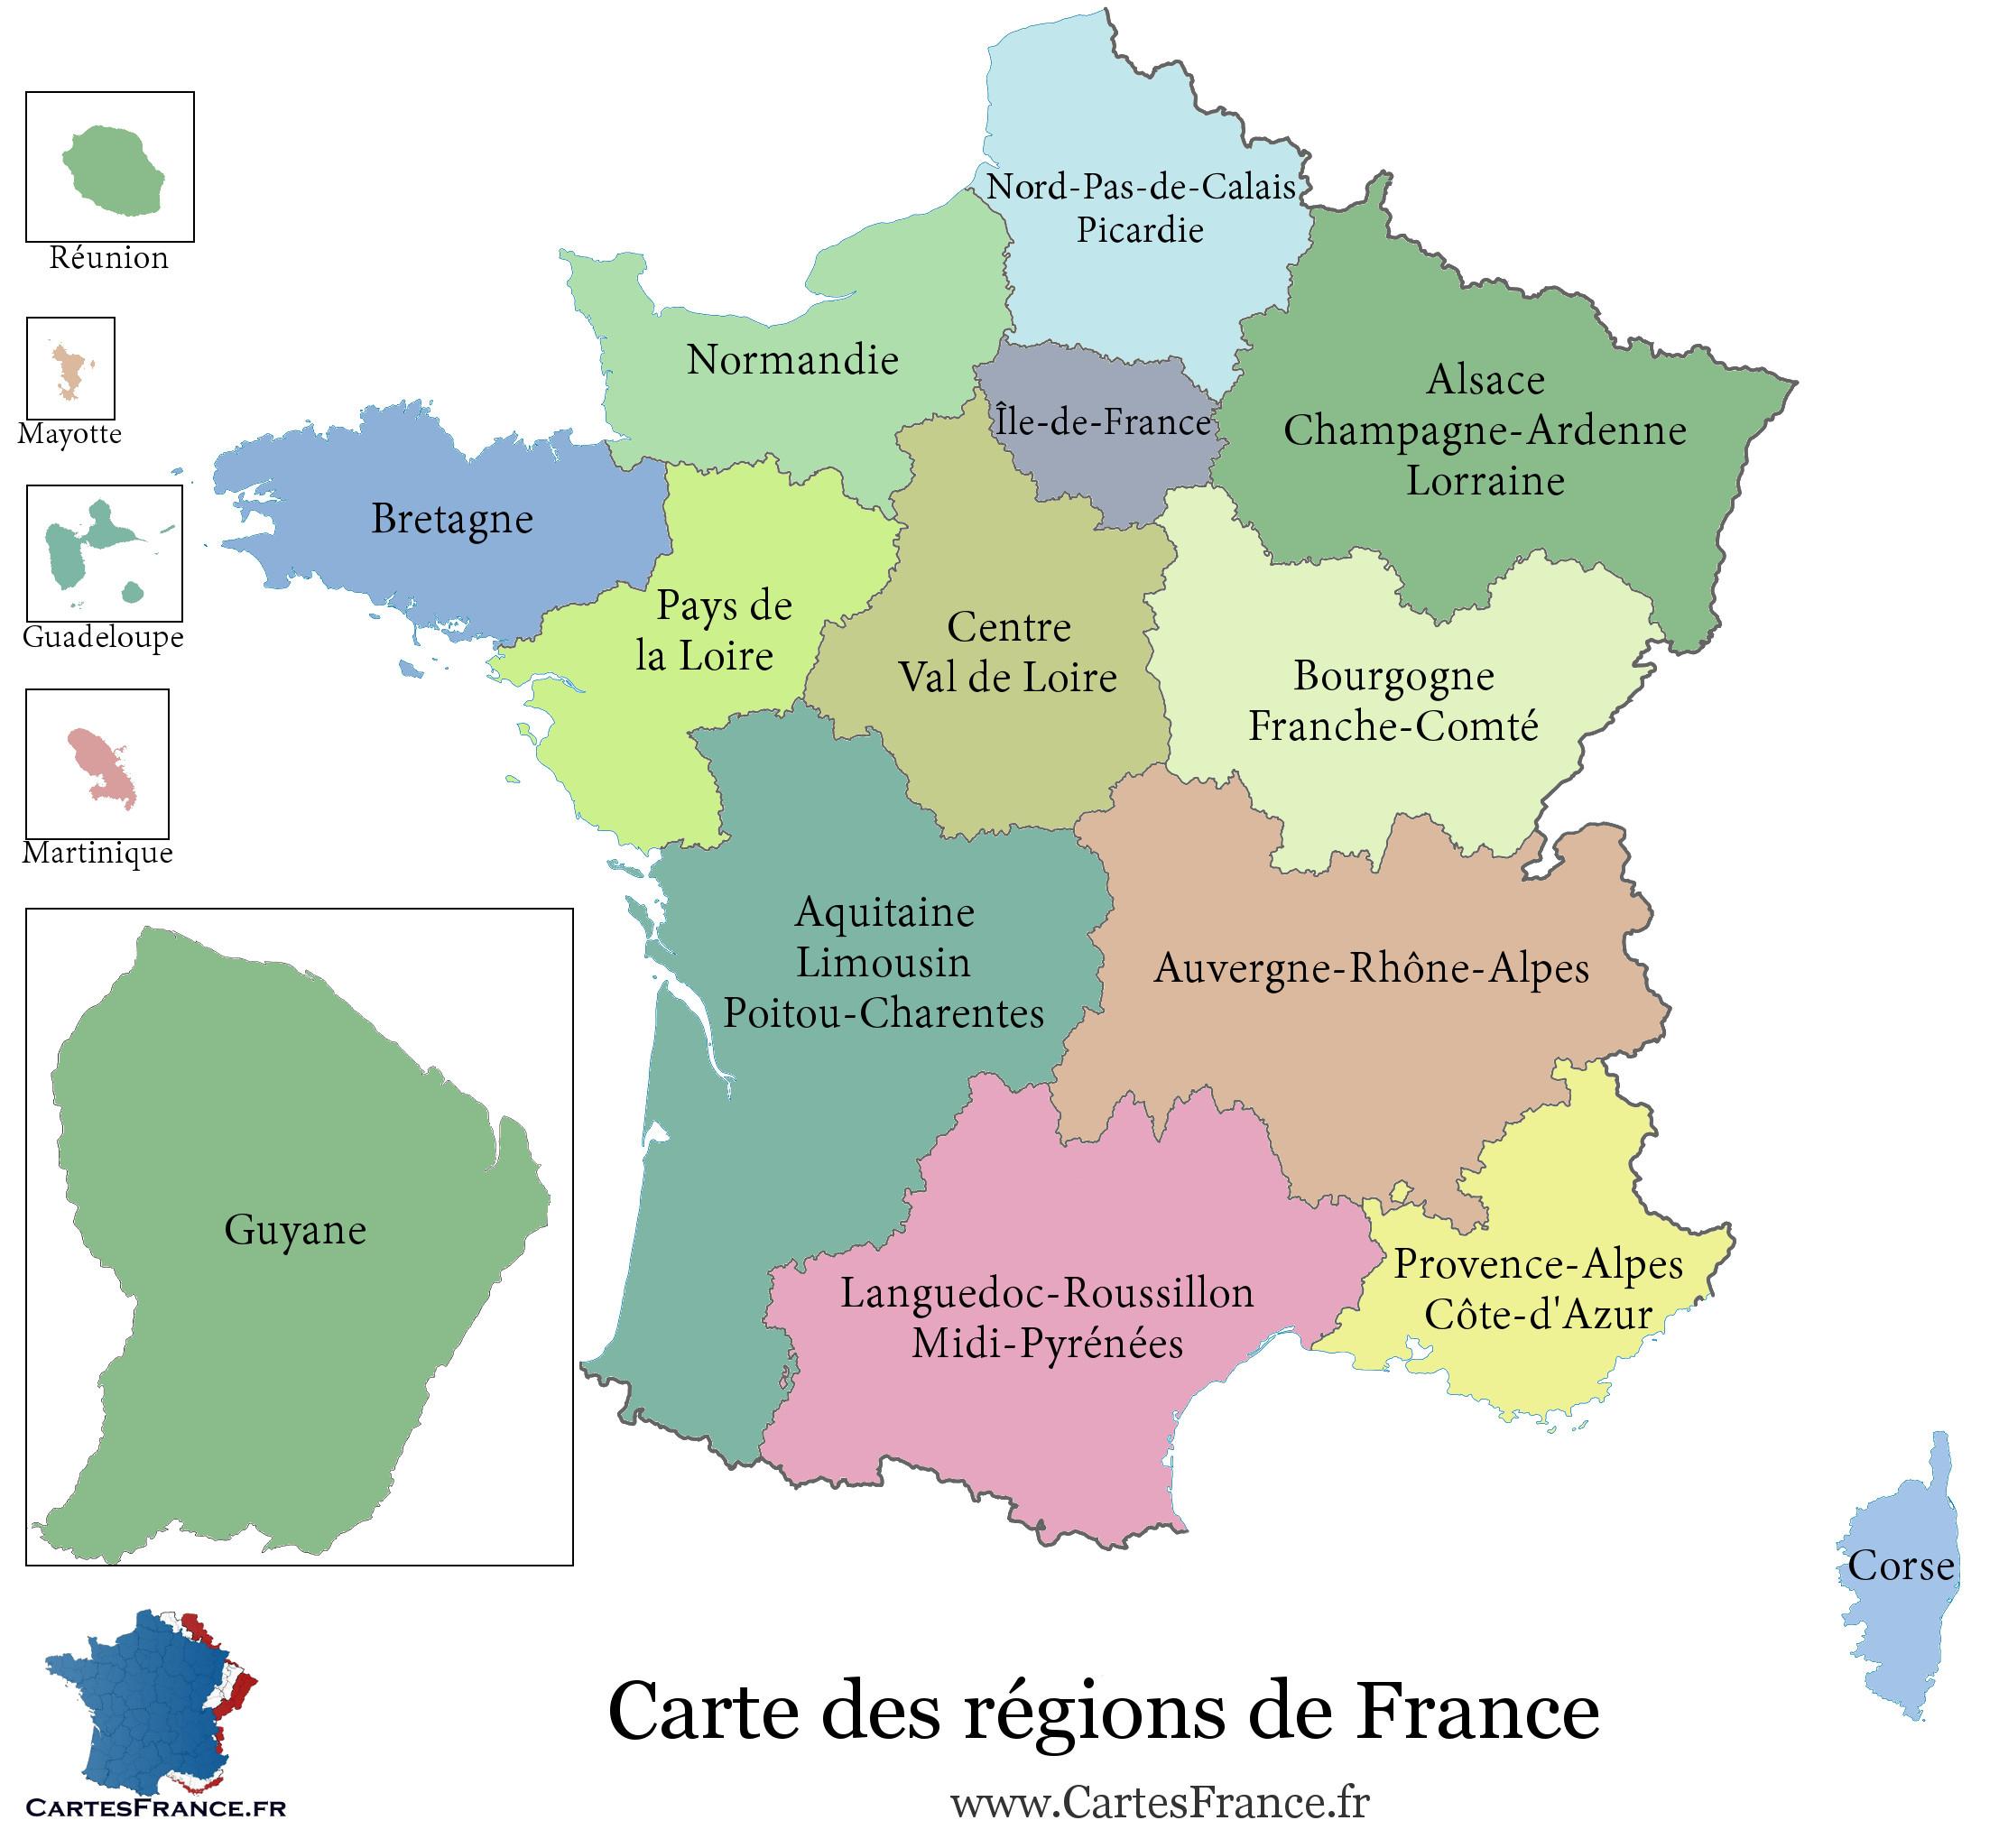 Carte De France Region - Carte Des Régions Françaises intérieur Region De France 2018